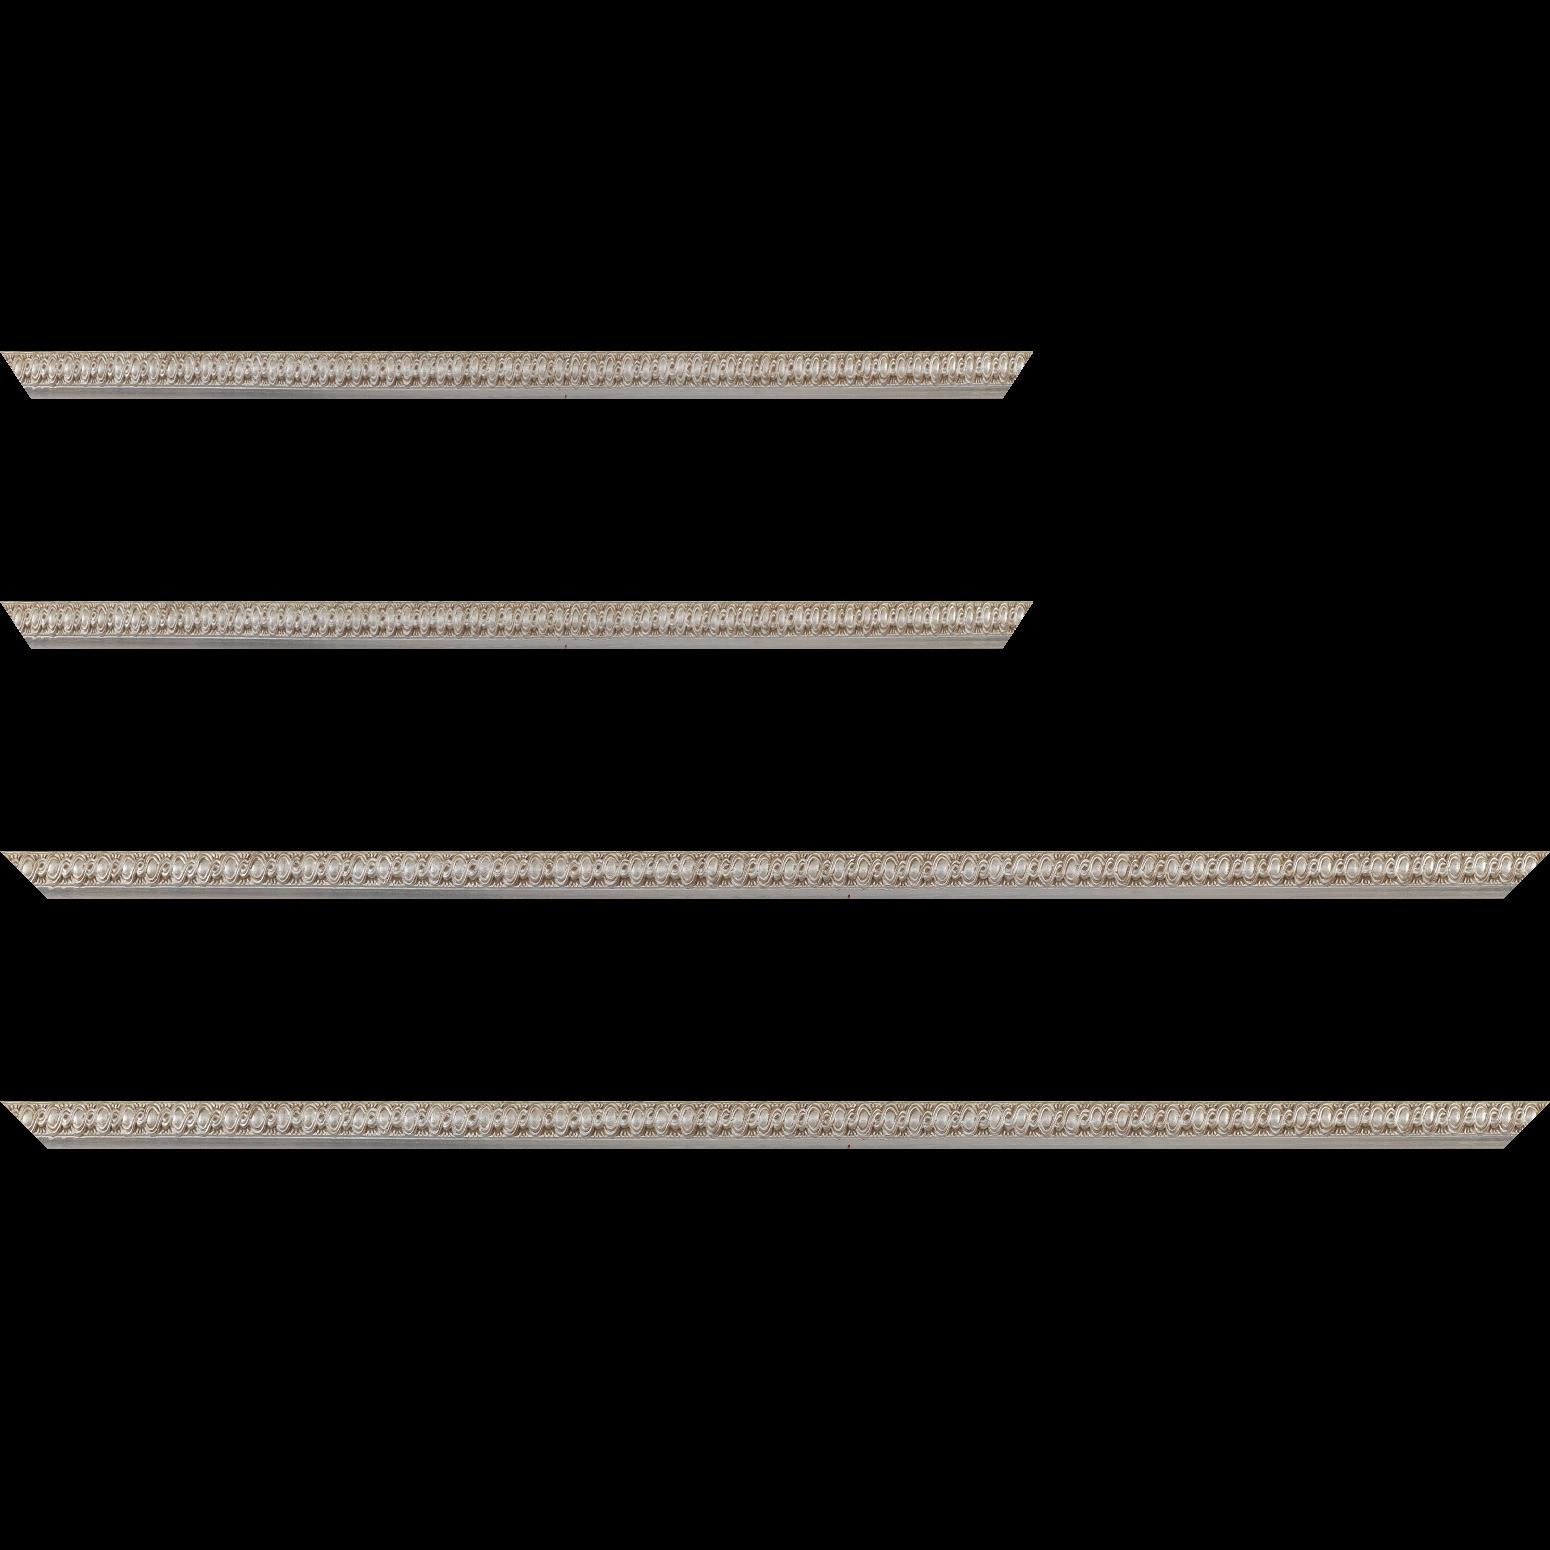 Baguette service précoupé Bois profil jonc largeur 1.5cm argent style décor entrelacé